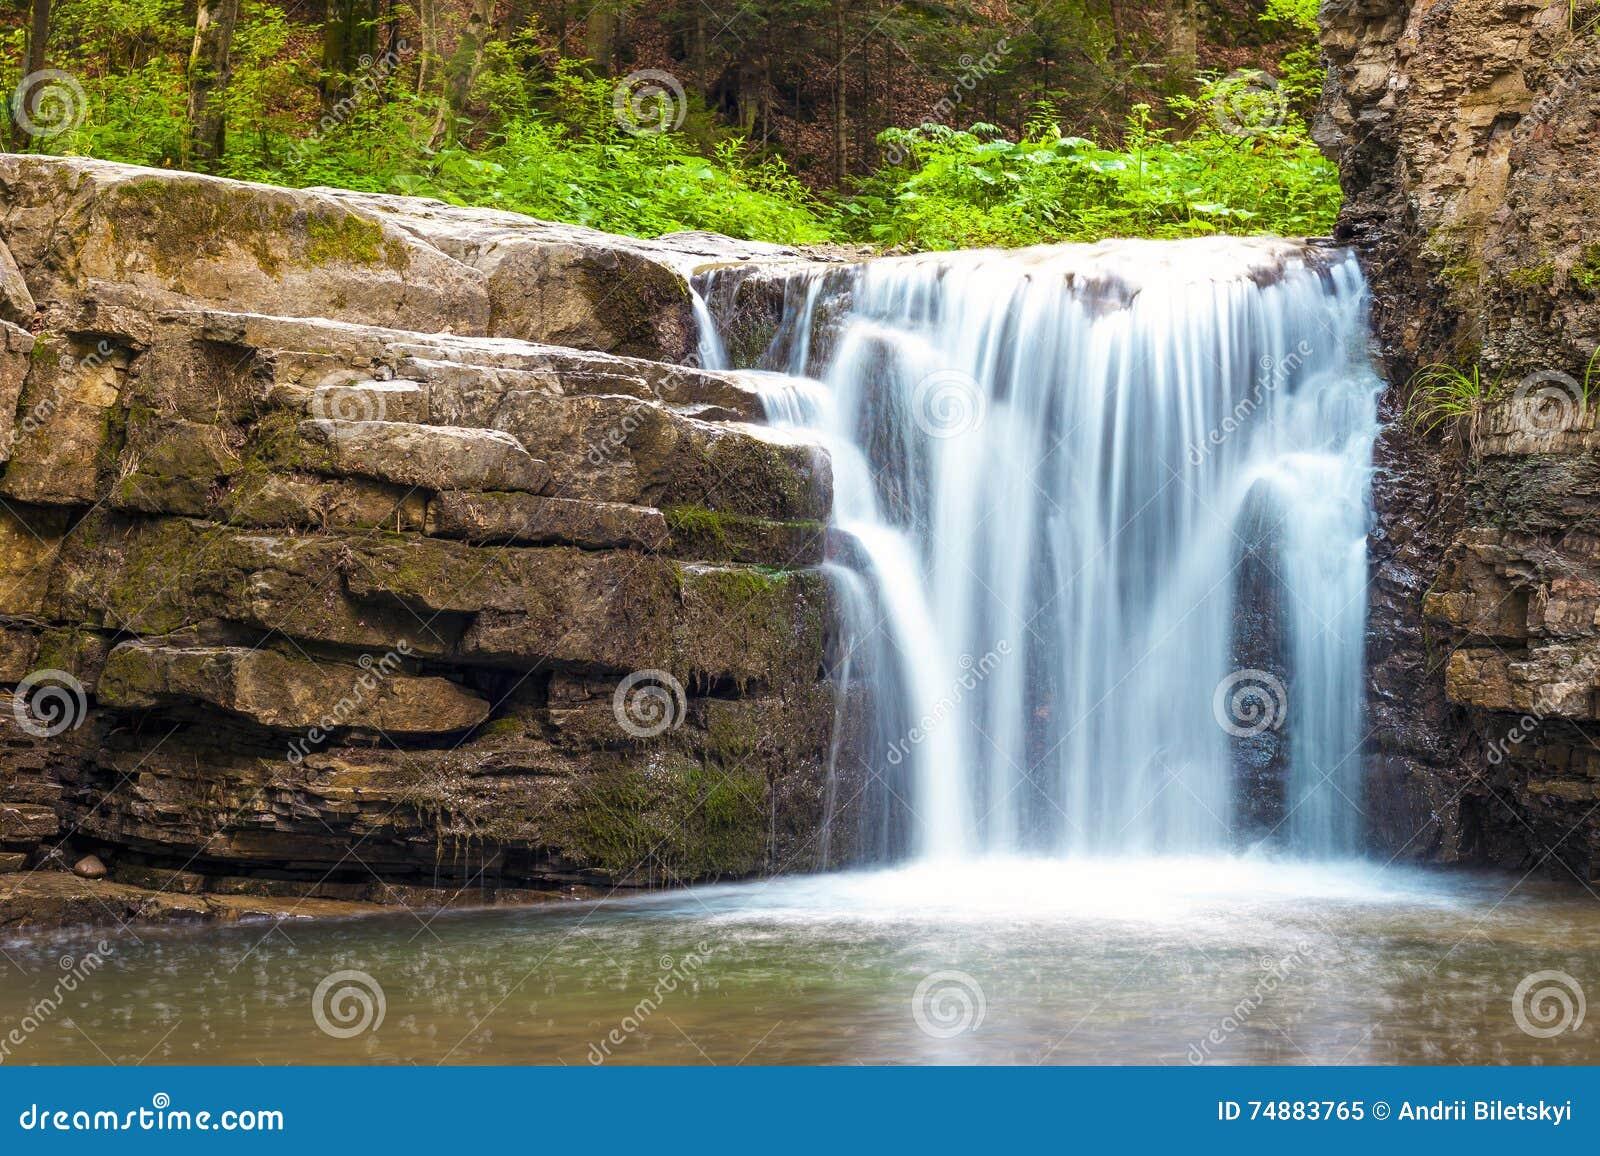 Pouca cachoeira na floresta da montanha com água de formação de espuma de seda